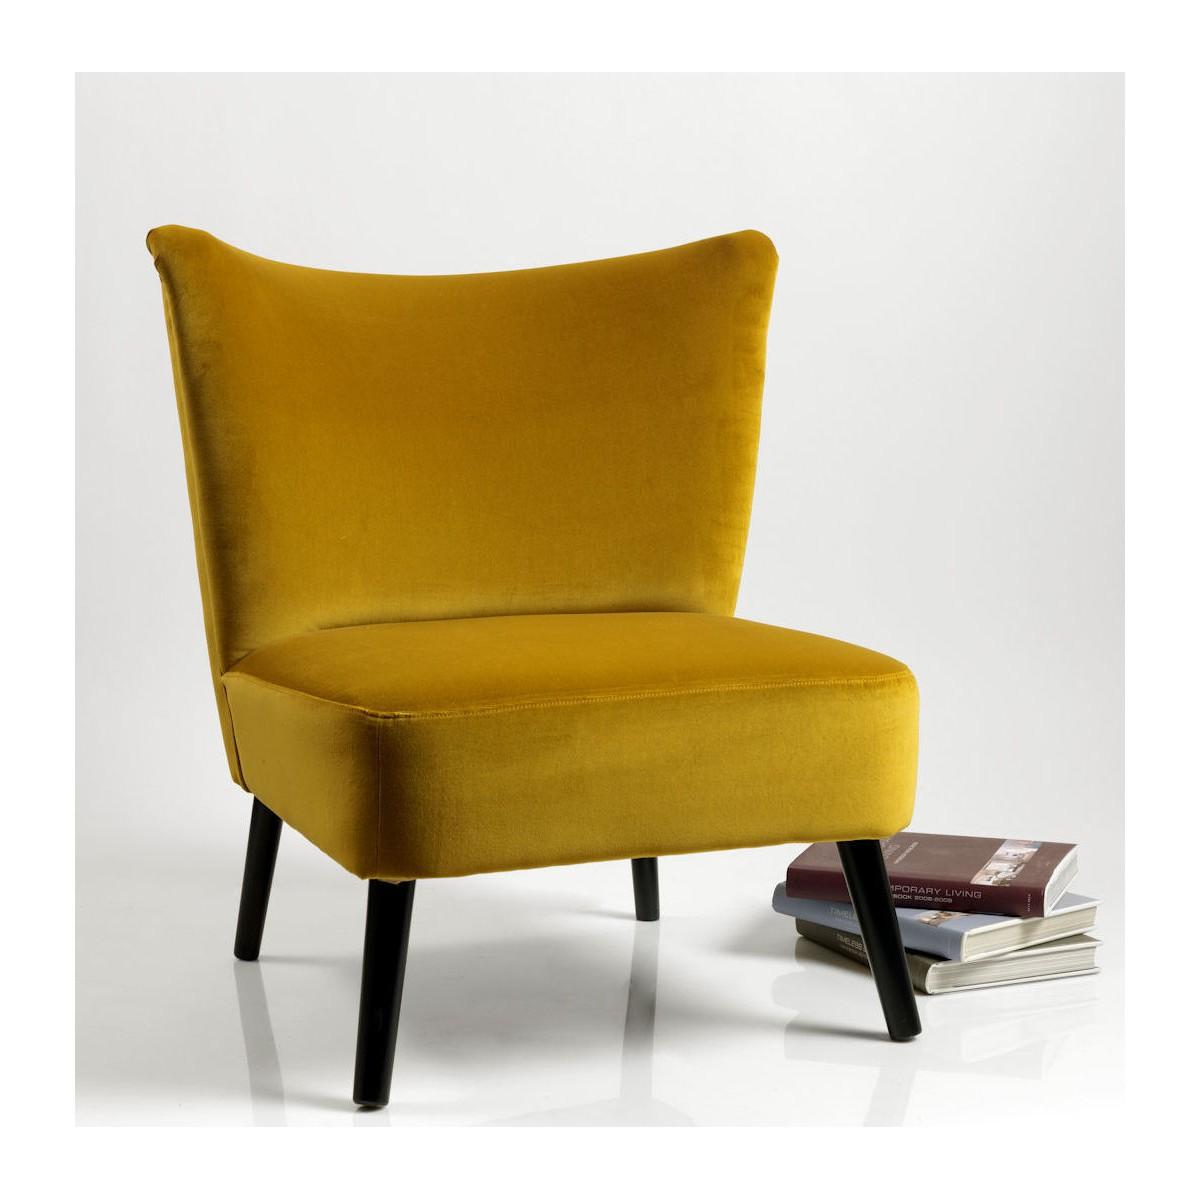 lænestol retro Lænestol Retro Style. Køb den online hos Brandi Living lænestol retro